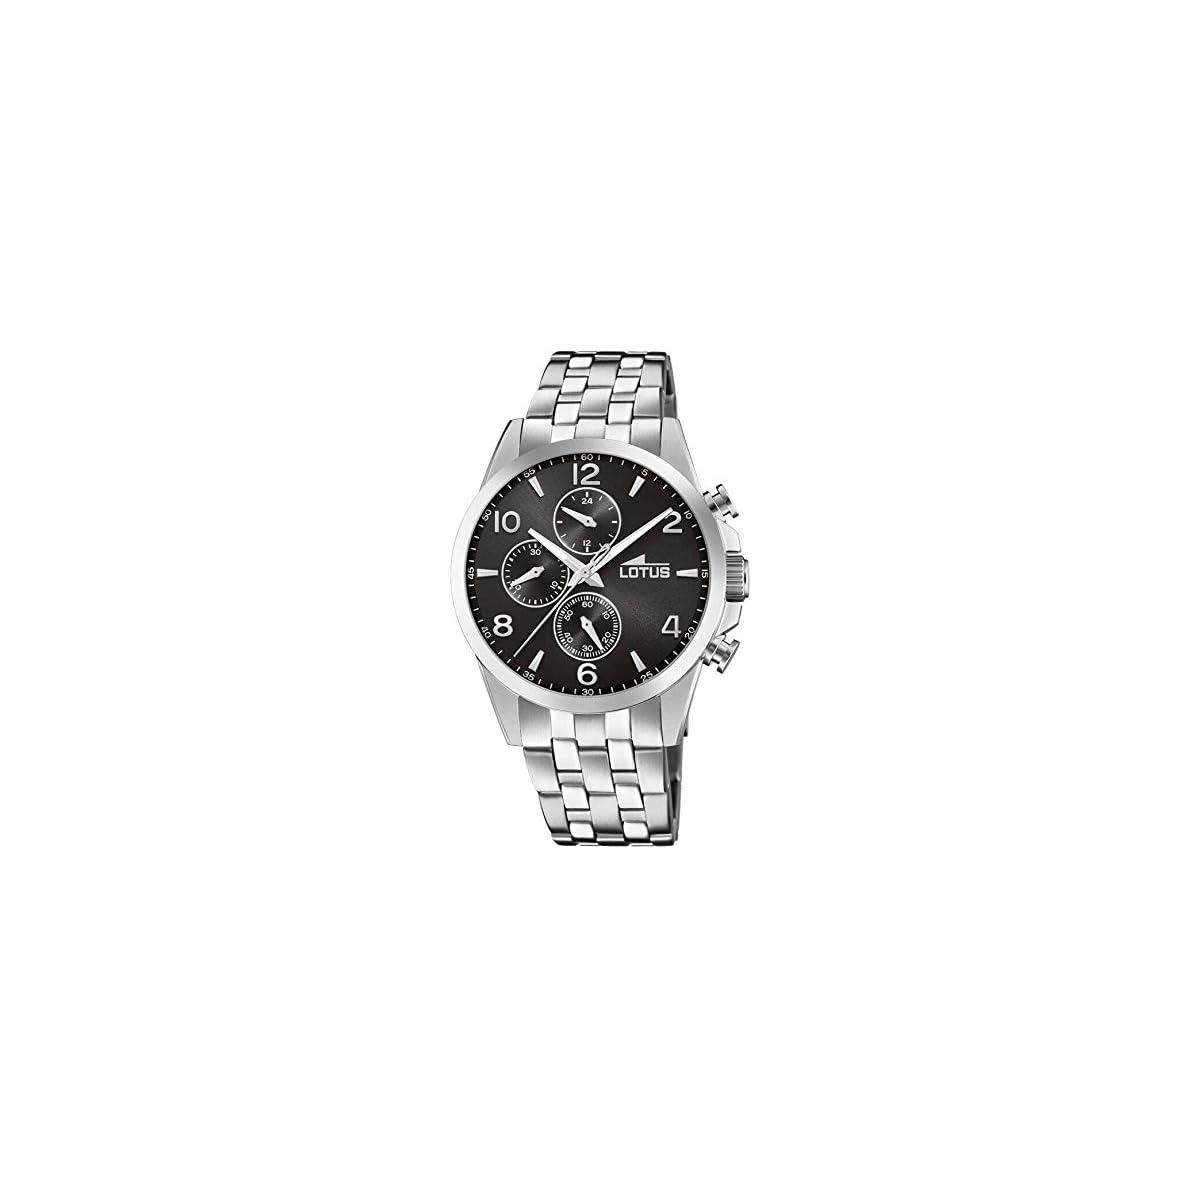 41a8eOkaimL. SS1200  - Lotus Reloj Cronógrafo para Hombre de Cuarzo con Correa en Acero Inoxidable 18629/4